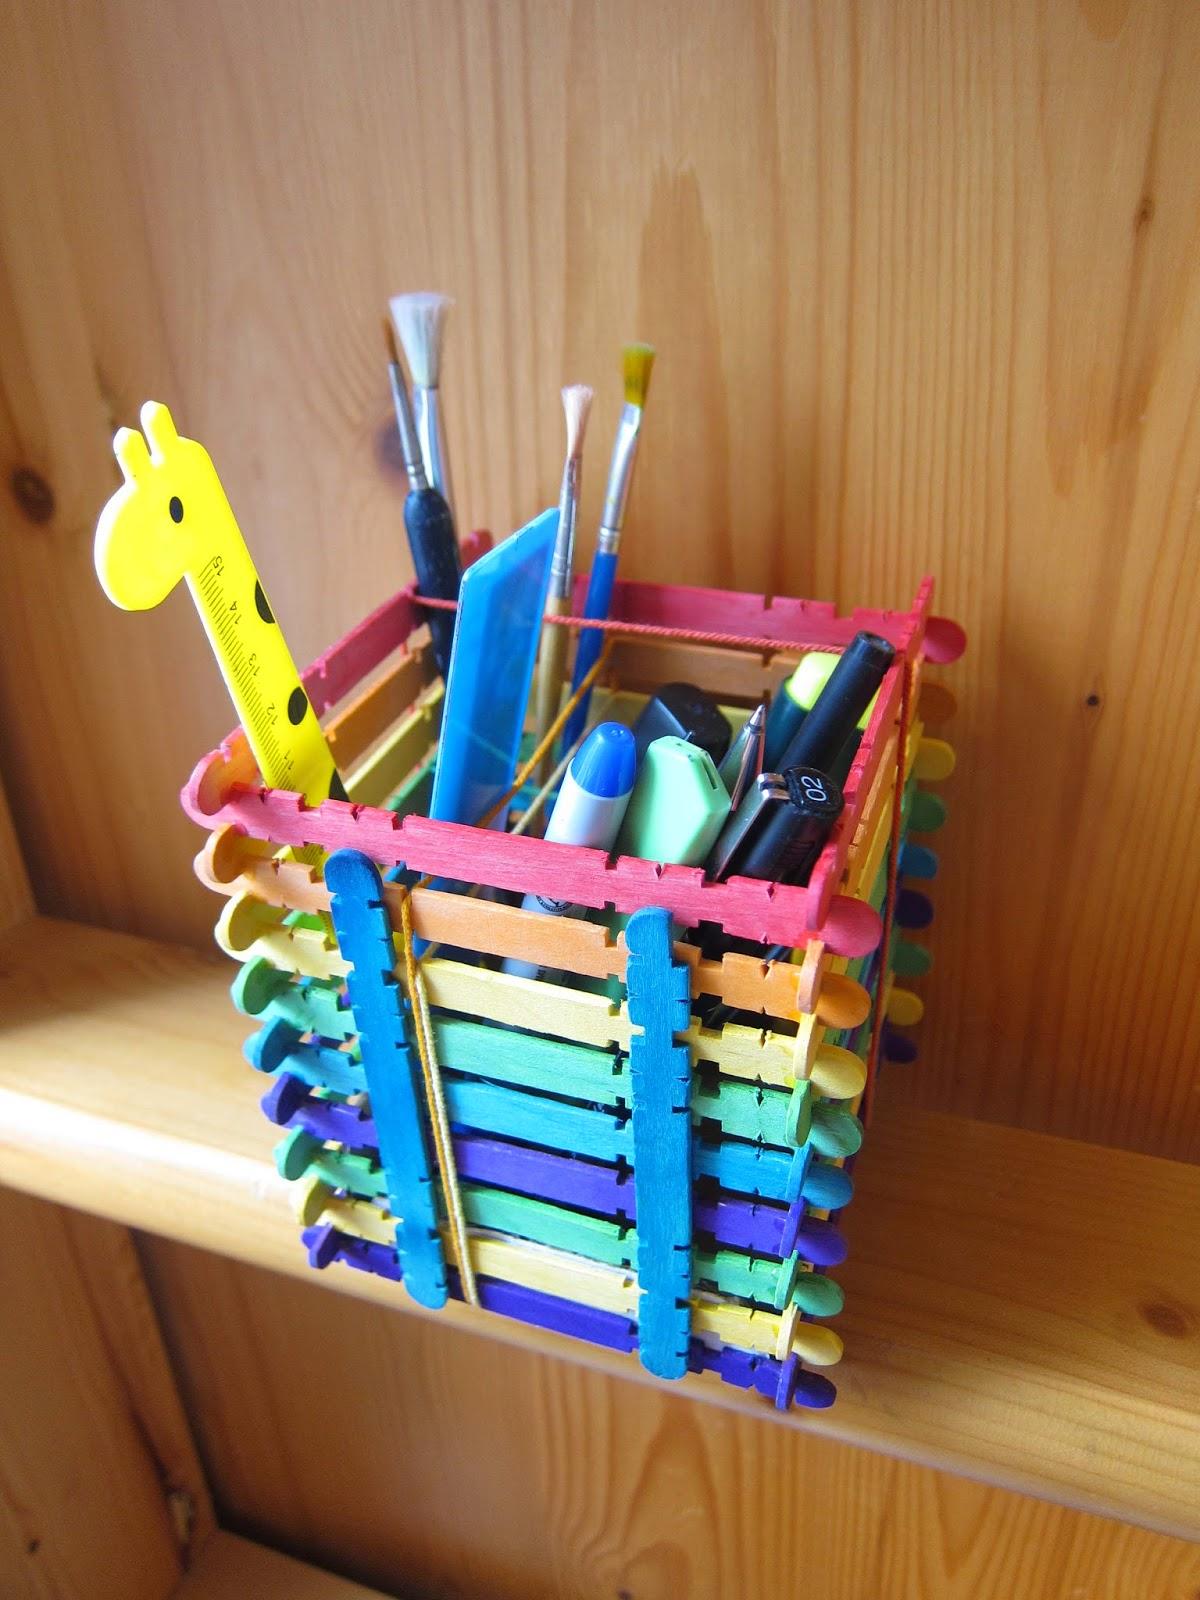 shine kids crafts rainbow popsicle sticks pen holder. Black Bedroom Furniture Sets. Home Design Ideas